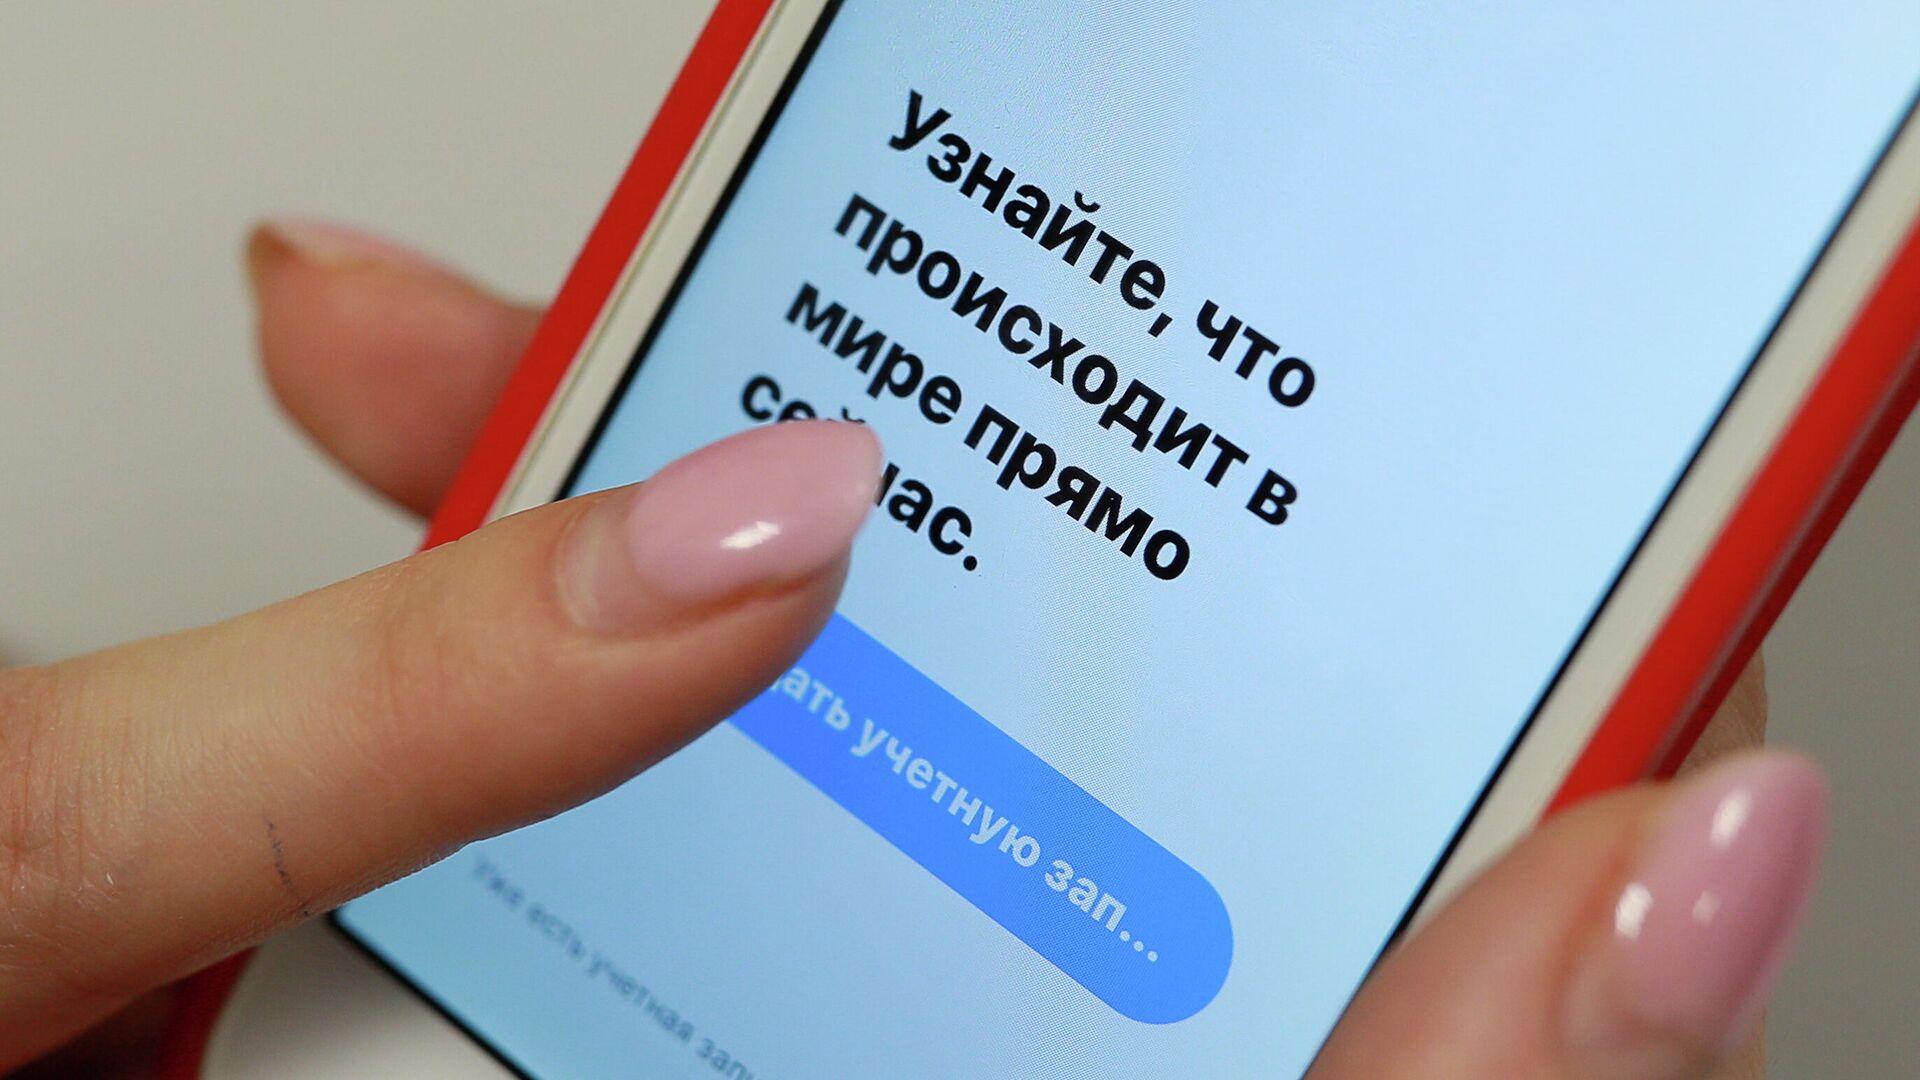 Приложение Twitter на смартфоне - РИА Новости, 1920, 05.04.2021